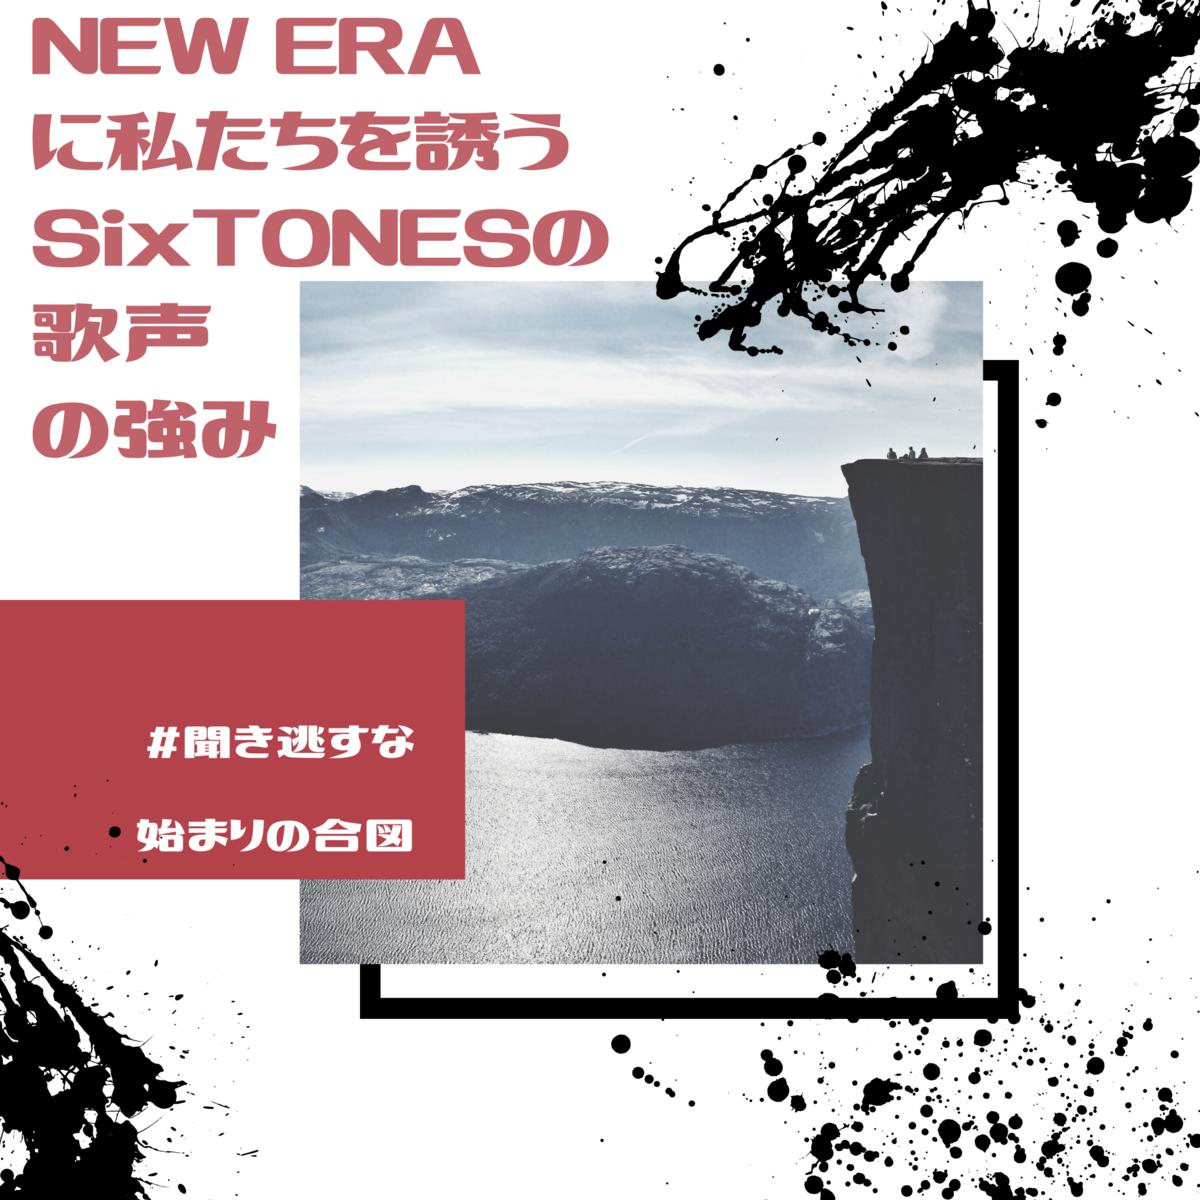 f:id:tsukino25:20201023162203p:plain